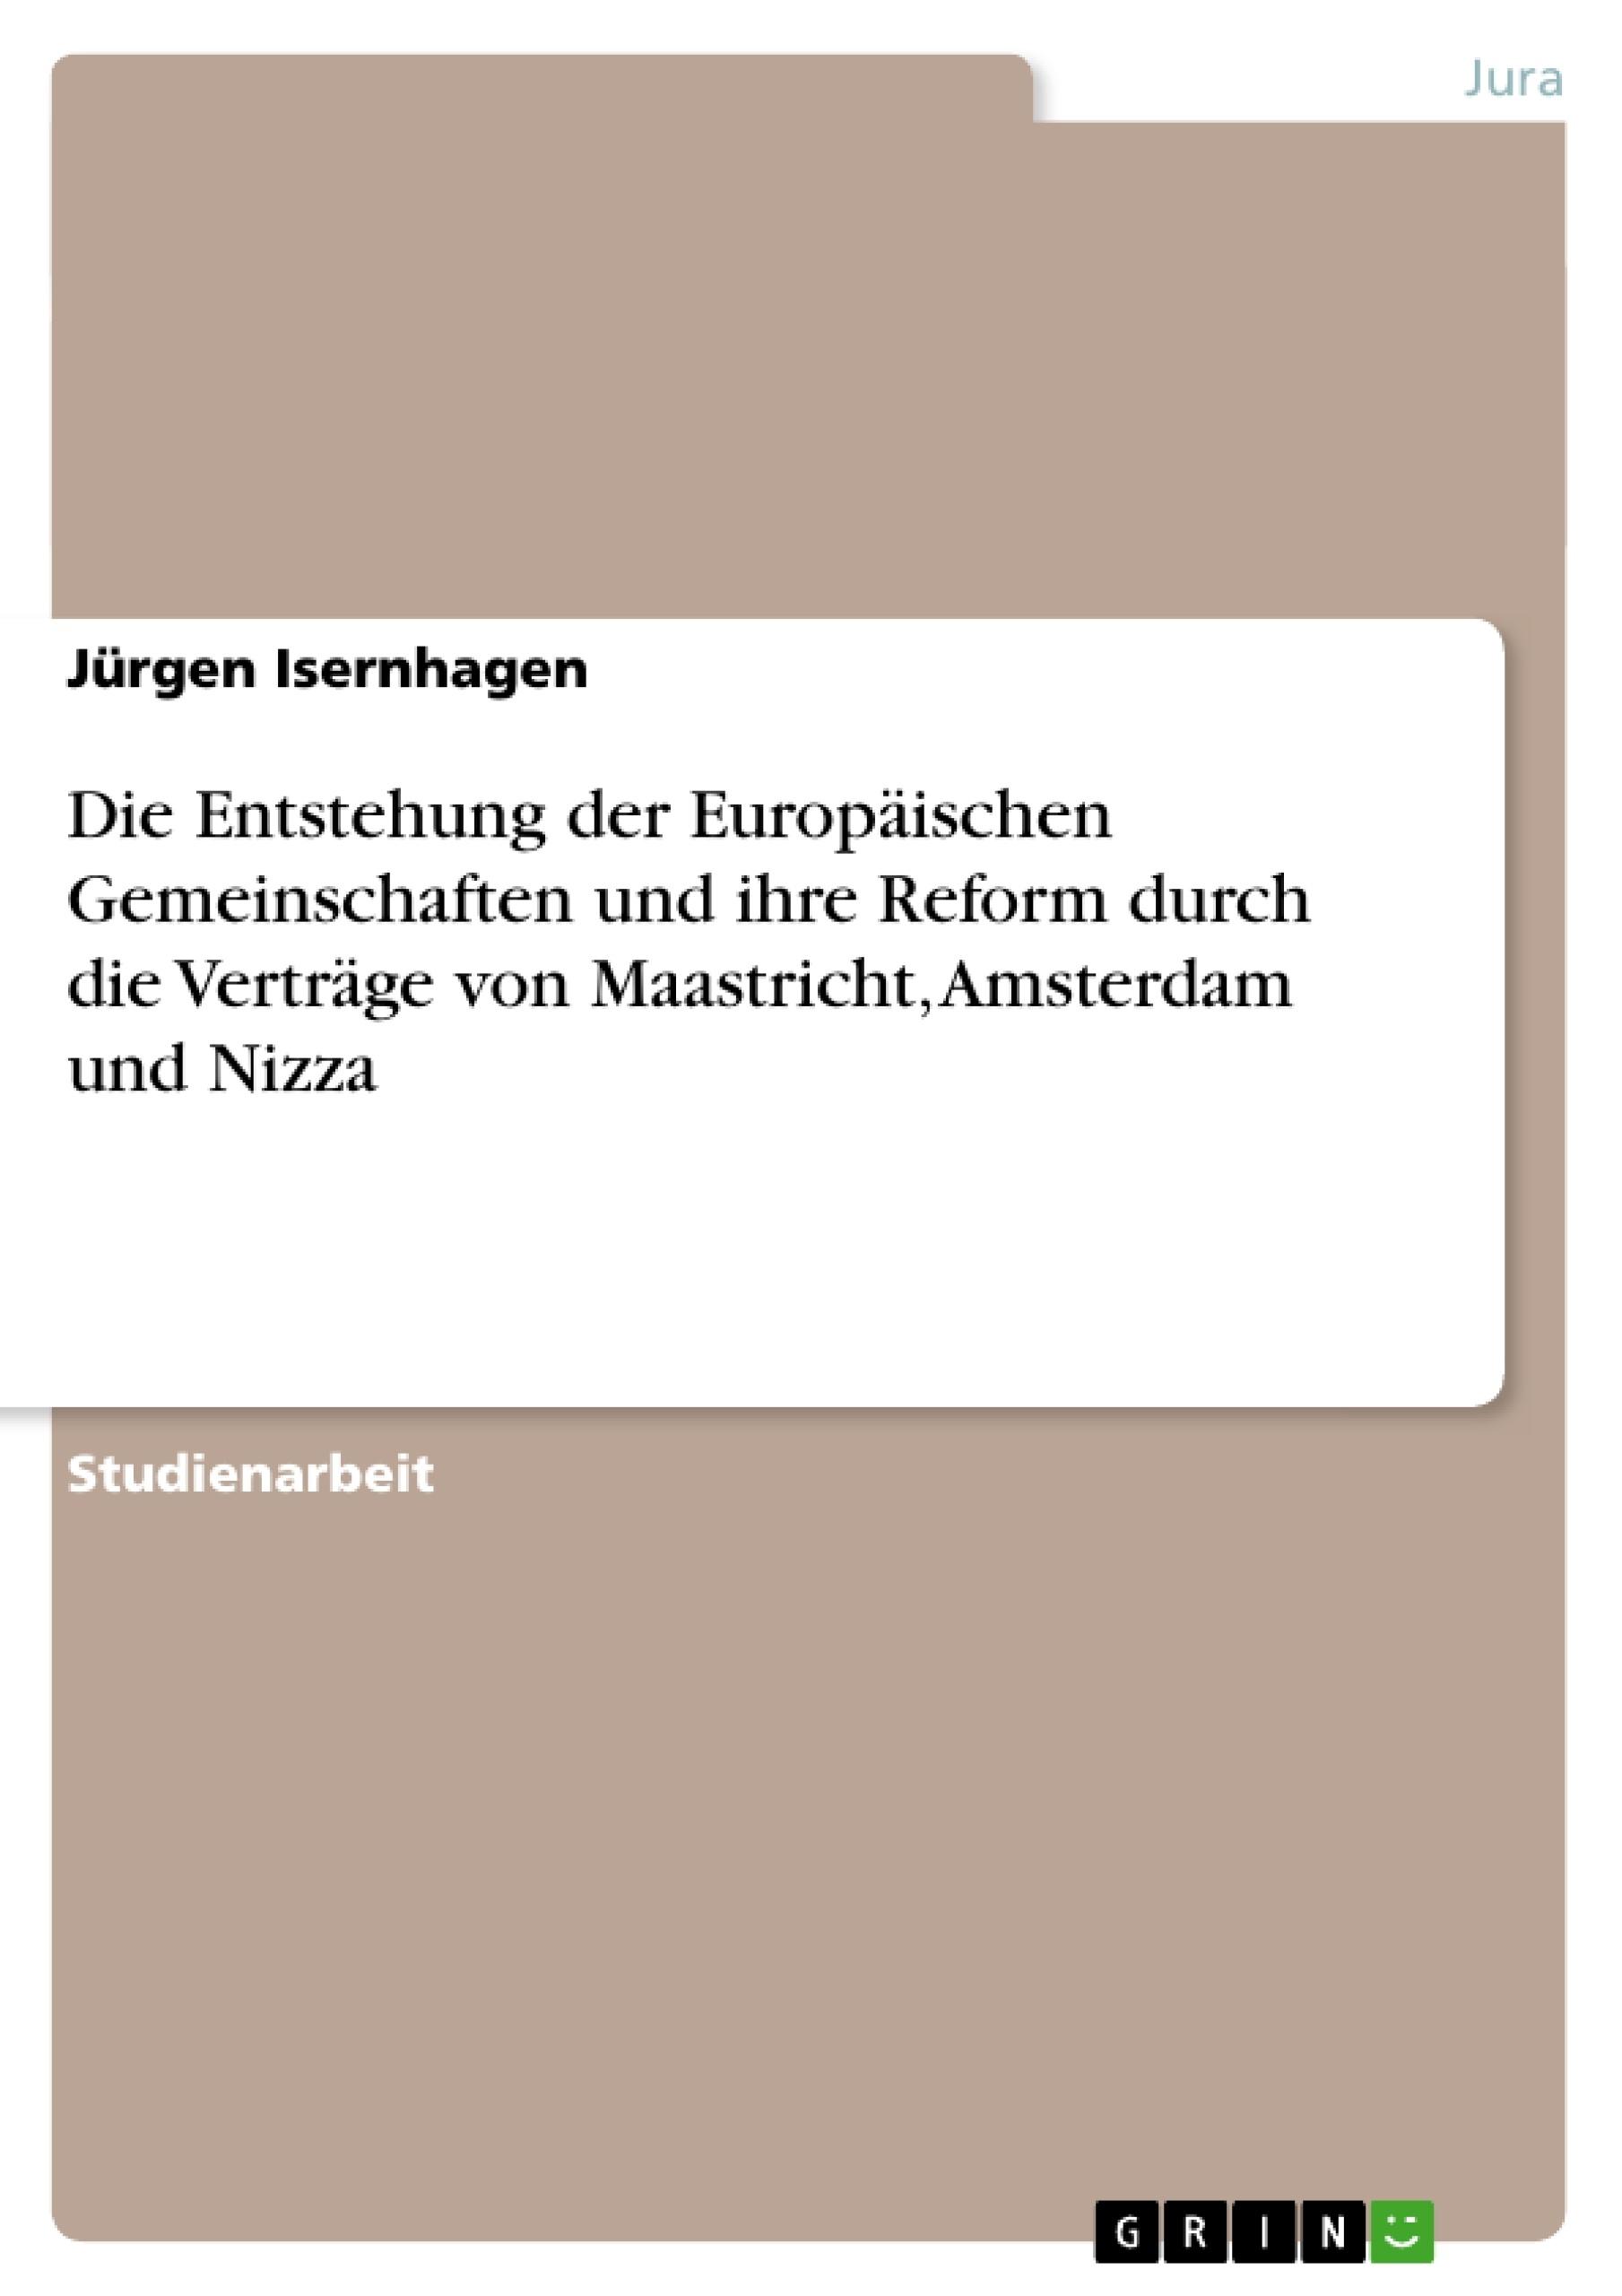 Titel: Die Entstehung der Europäischen Gemeinschaften und ihre Reform durch die Verträge von Maastricht, Amsterdam und Nizza